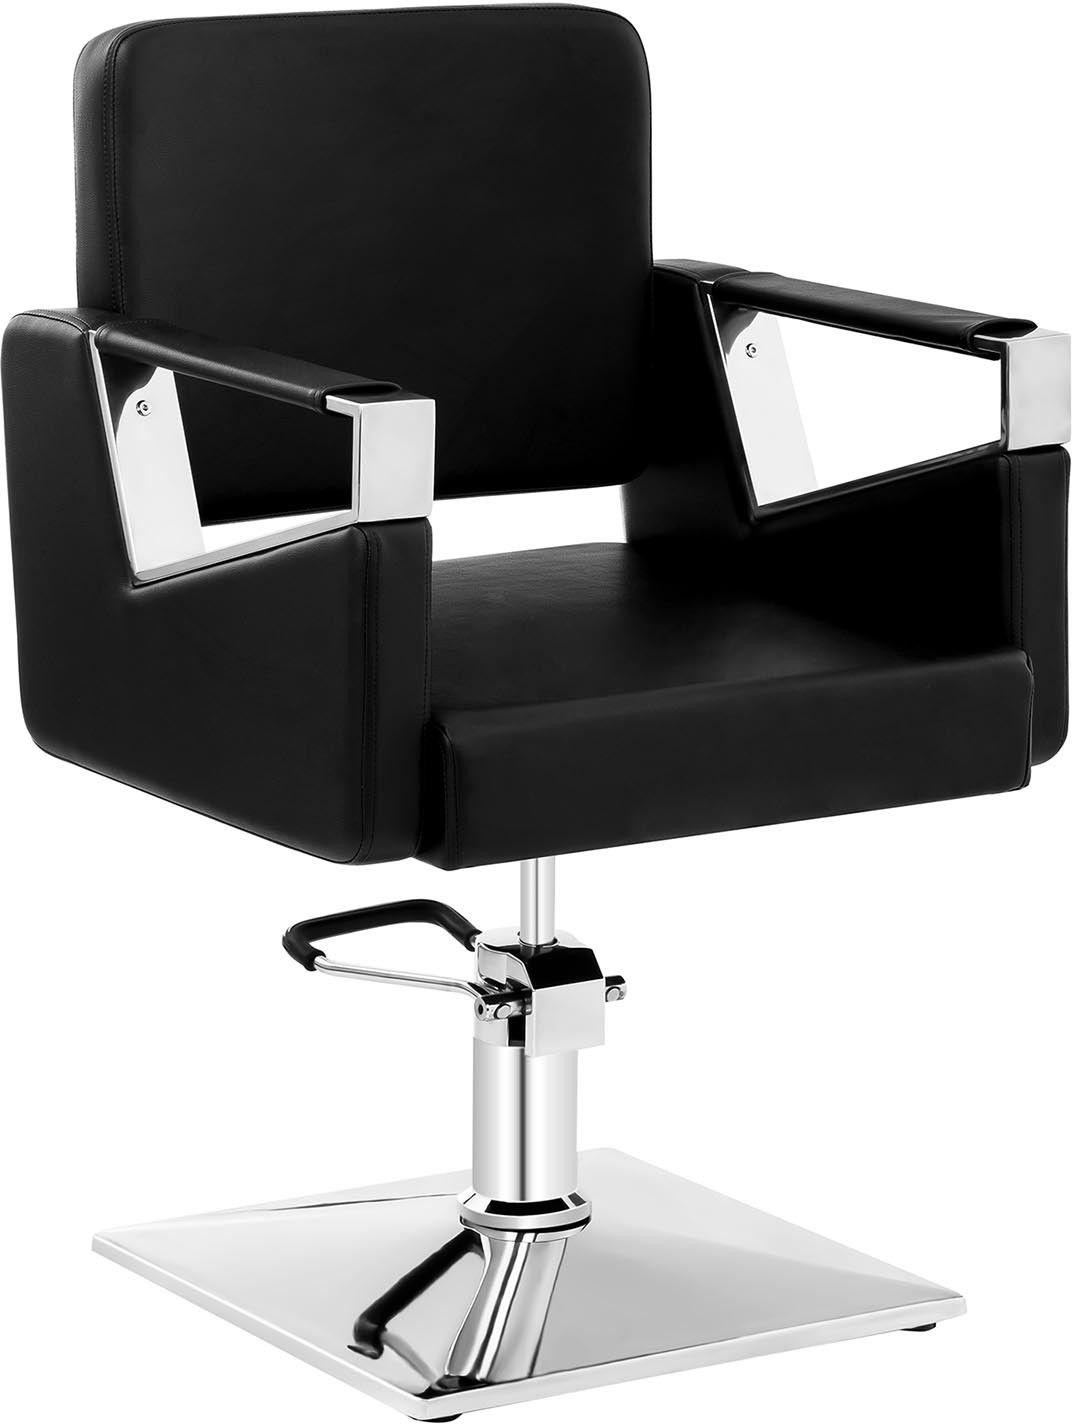 Komplet Fotel fryzjerski Physa Bristol czarny + Podnóżek ze stali nierdzewnej - przykręcany - BRISTOL BLACK SET - 3 LATA GWARANCJI / WYSYŁKA W 24H ZA